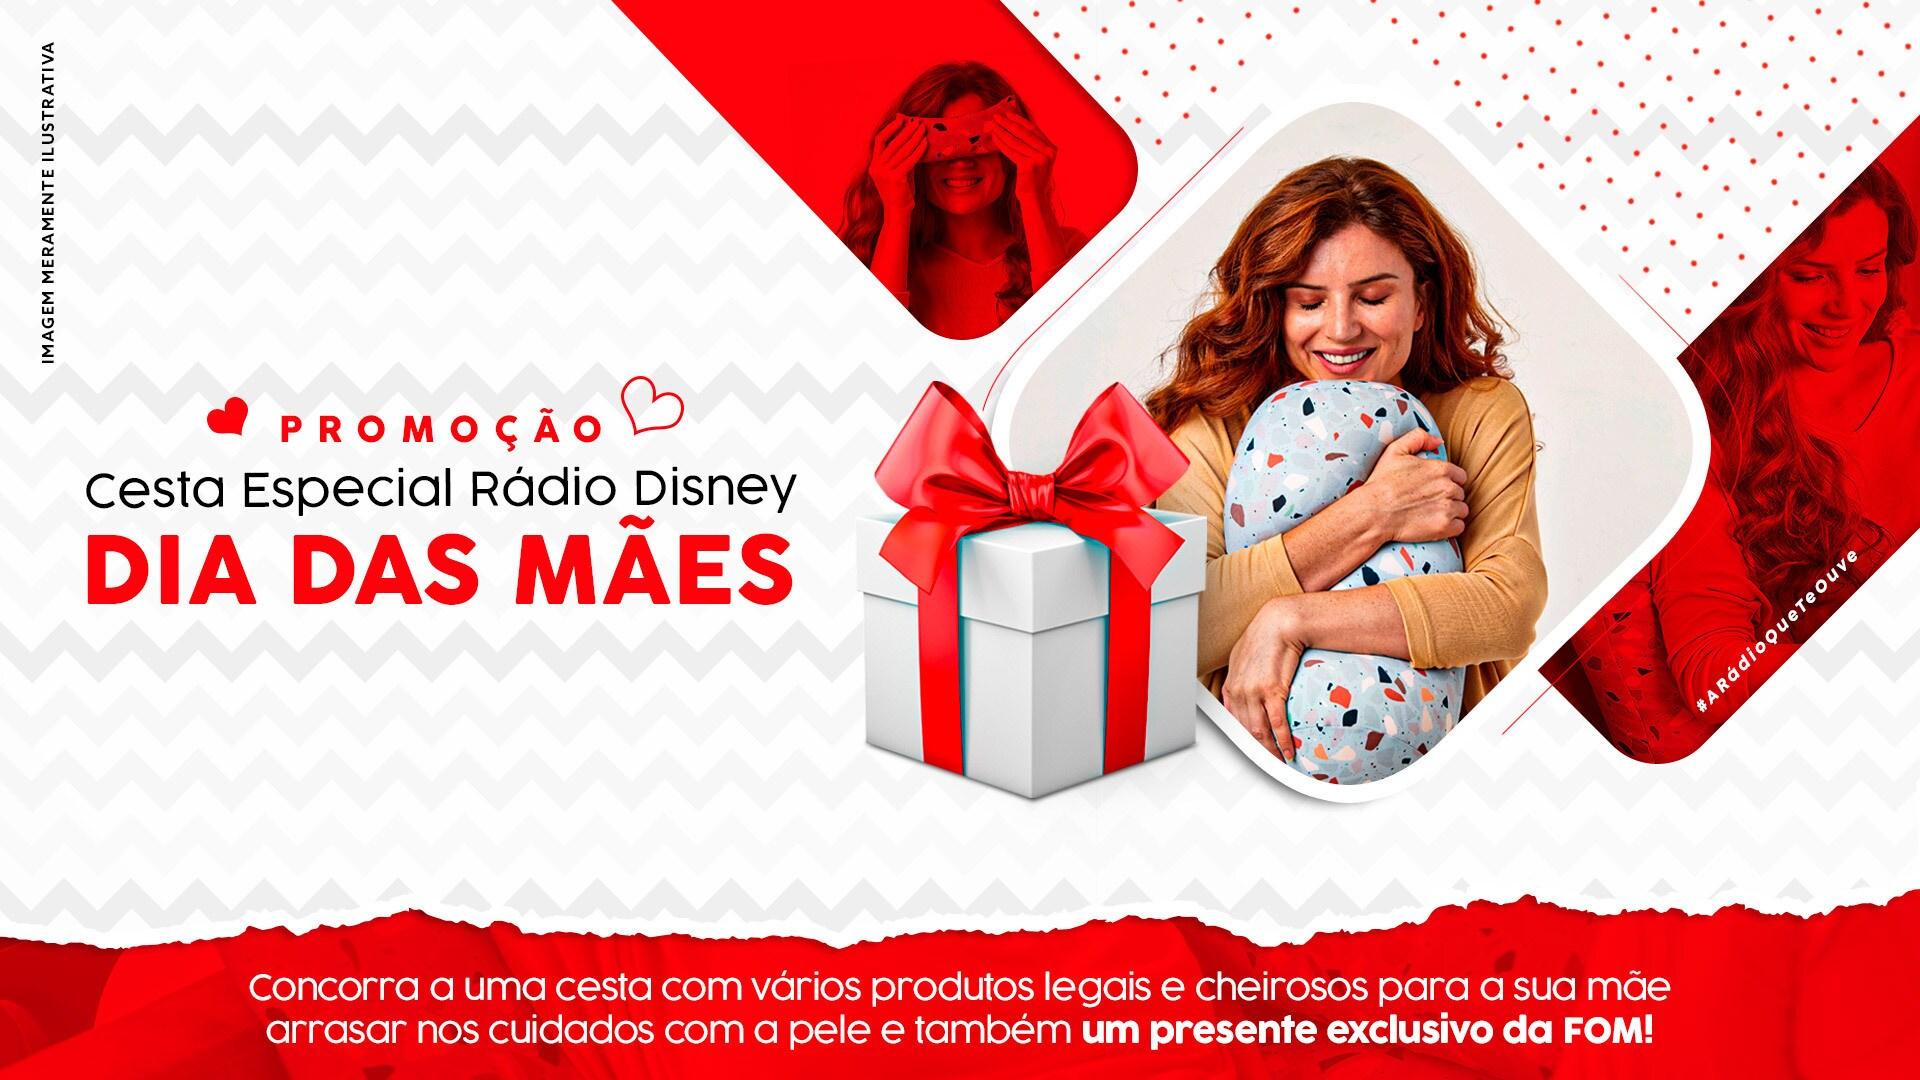 Promoção Cesta Especial Rádio Disney